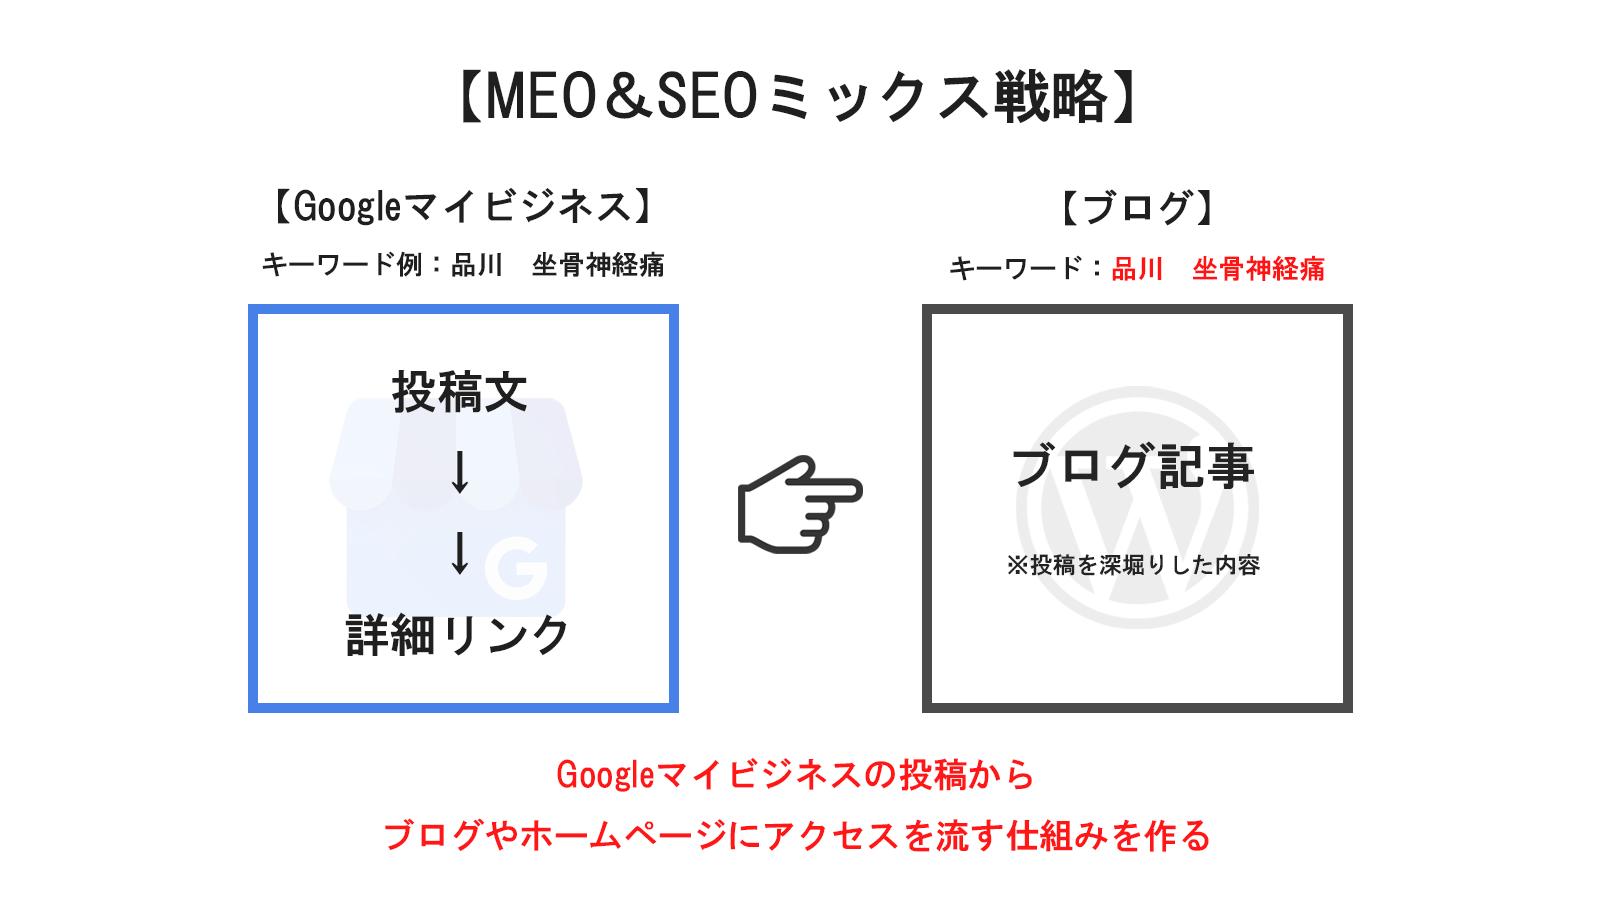 MEO&SEOミックス戦略